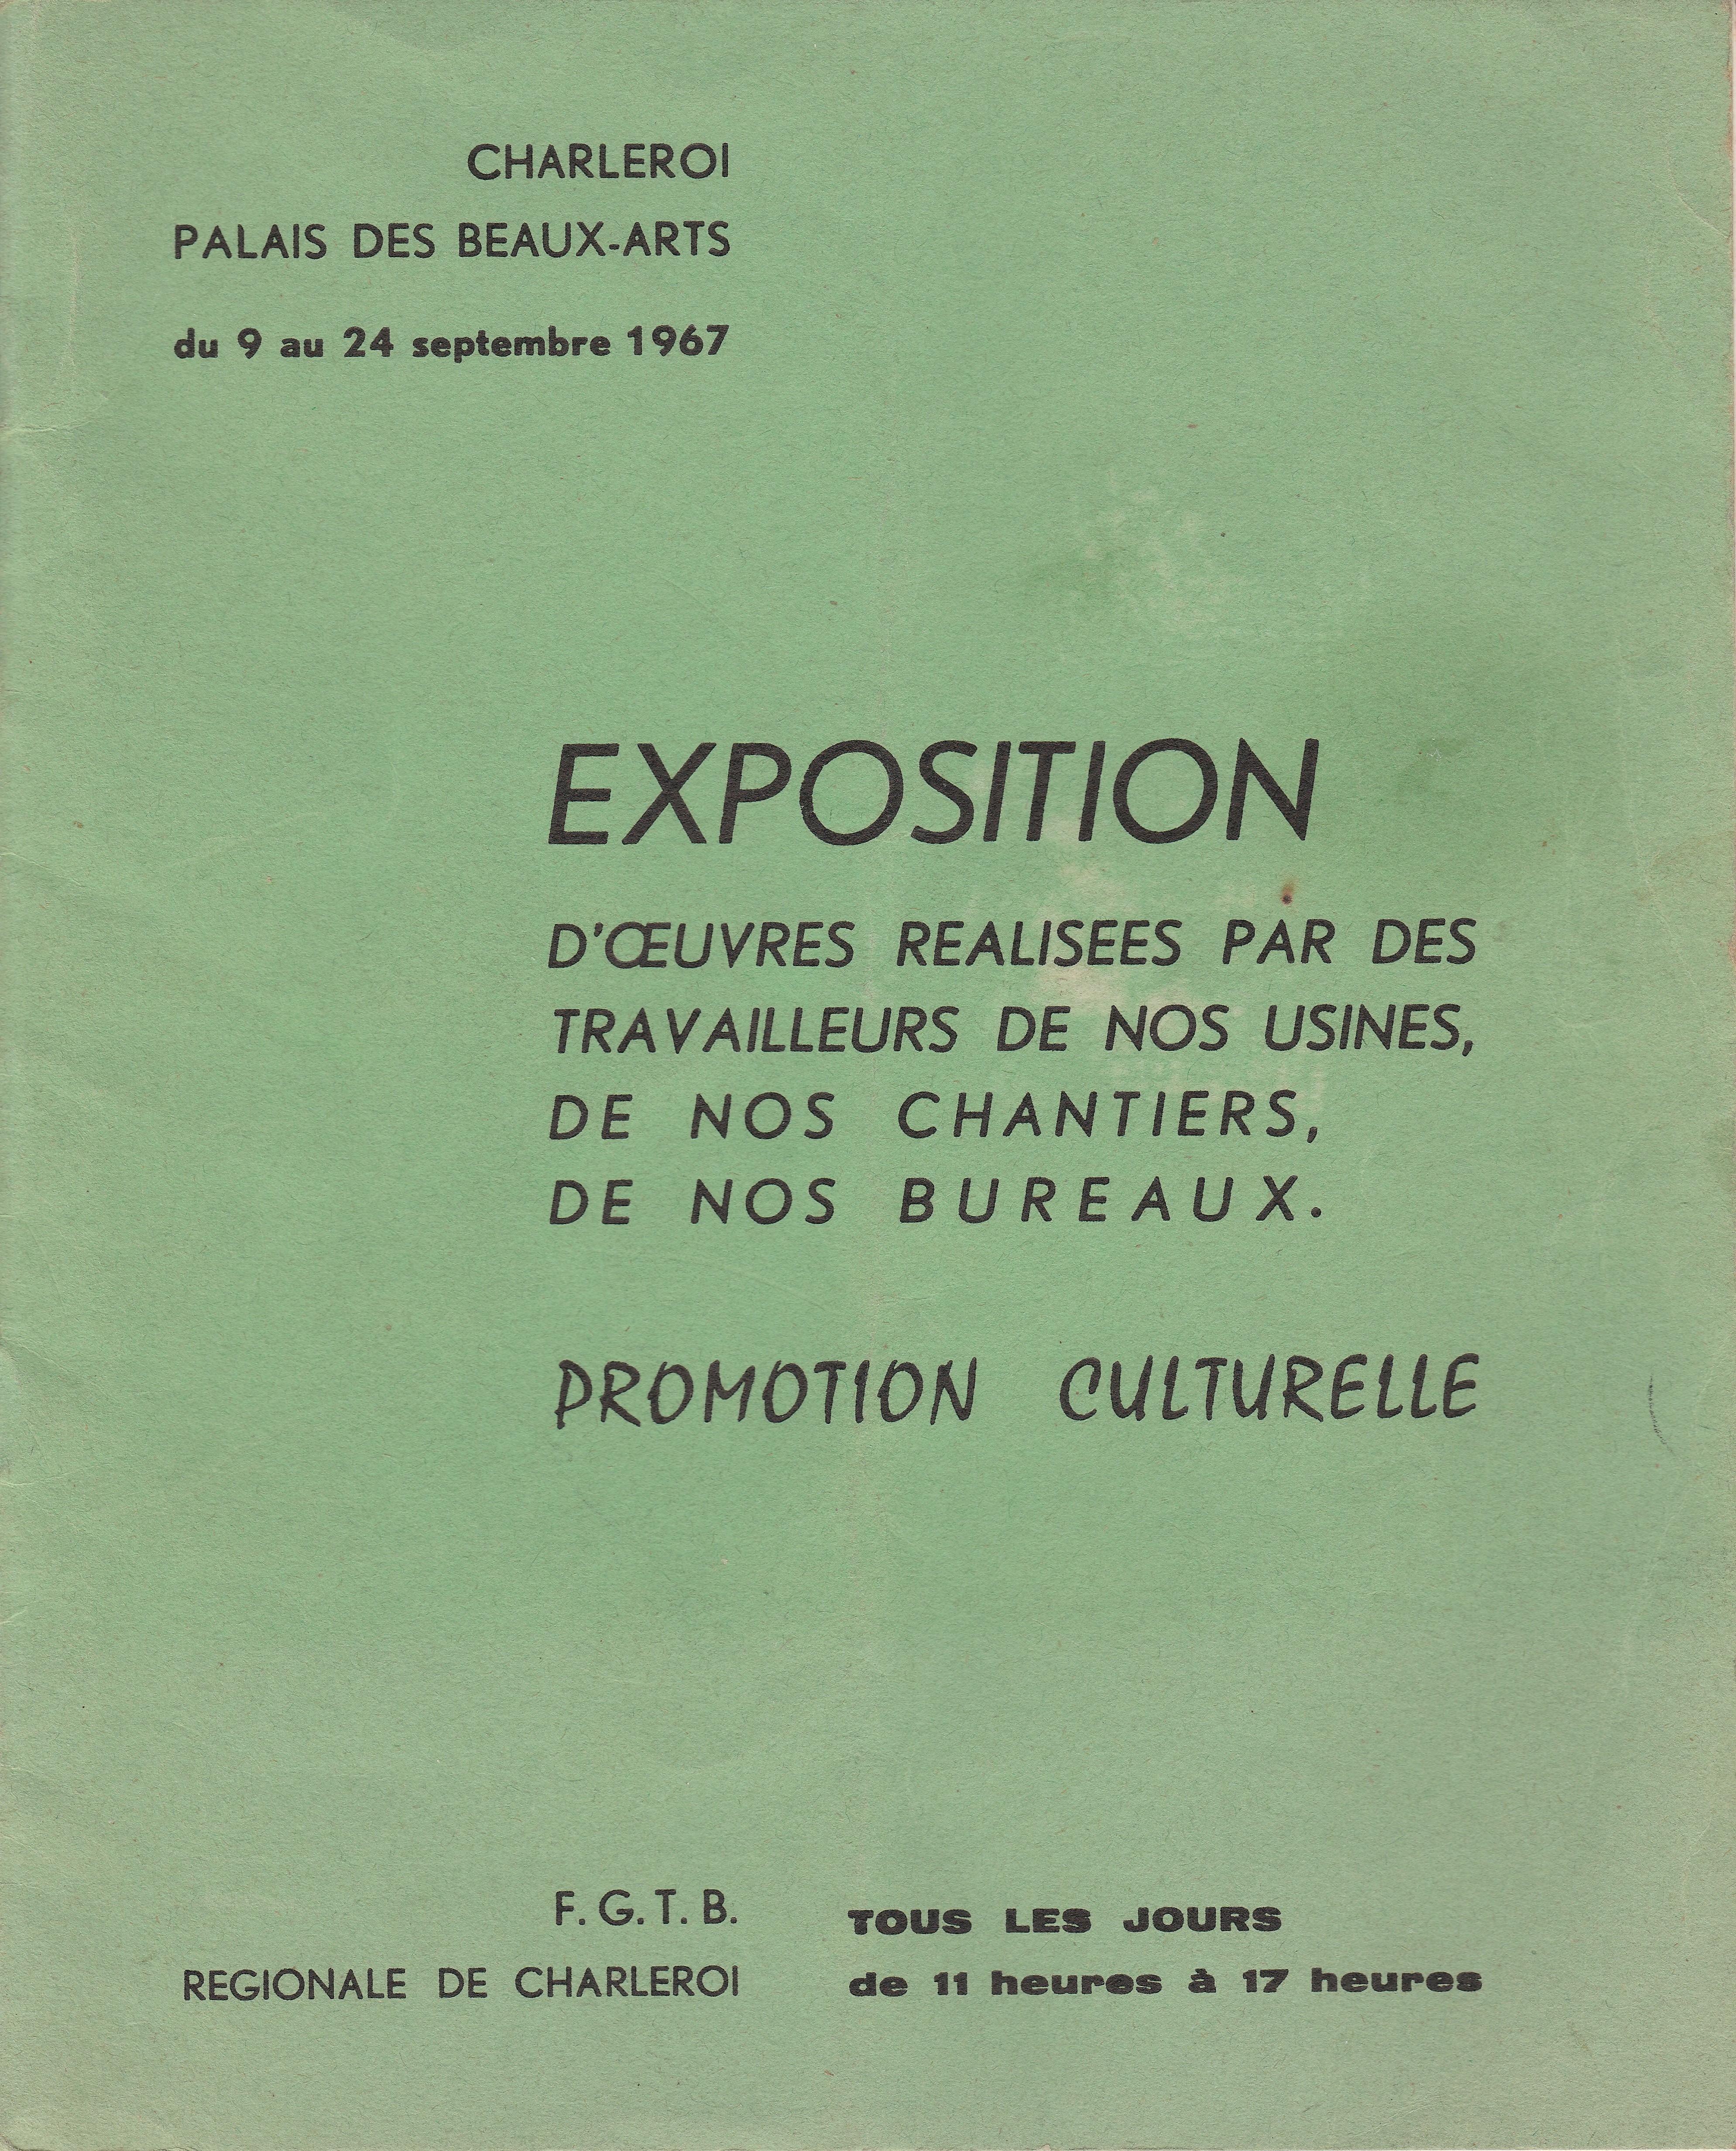 Exposition au Palais des Beaux Arts de Charleroi